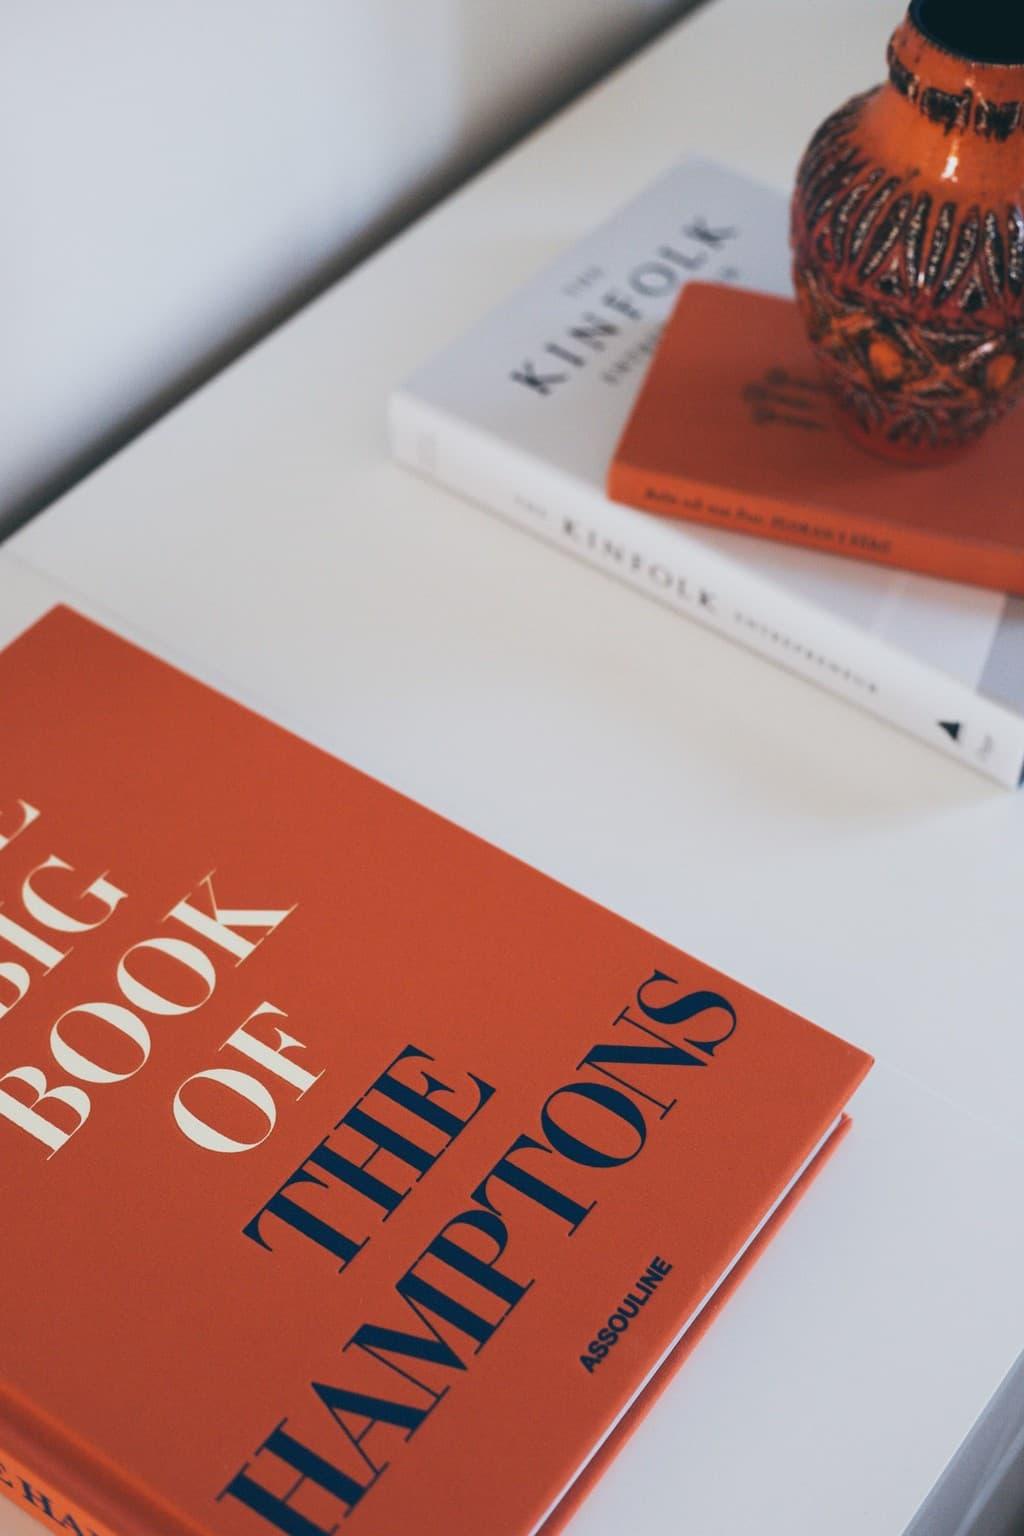 närbild på skåp och böcker